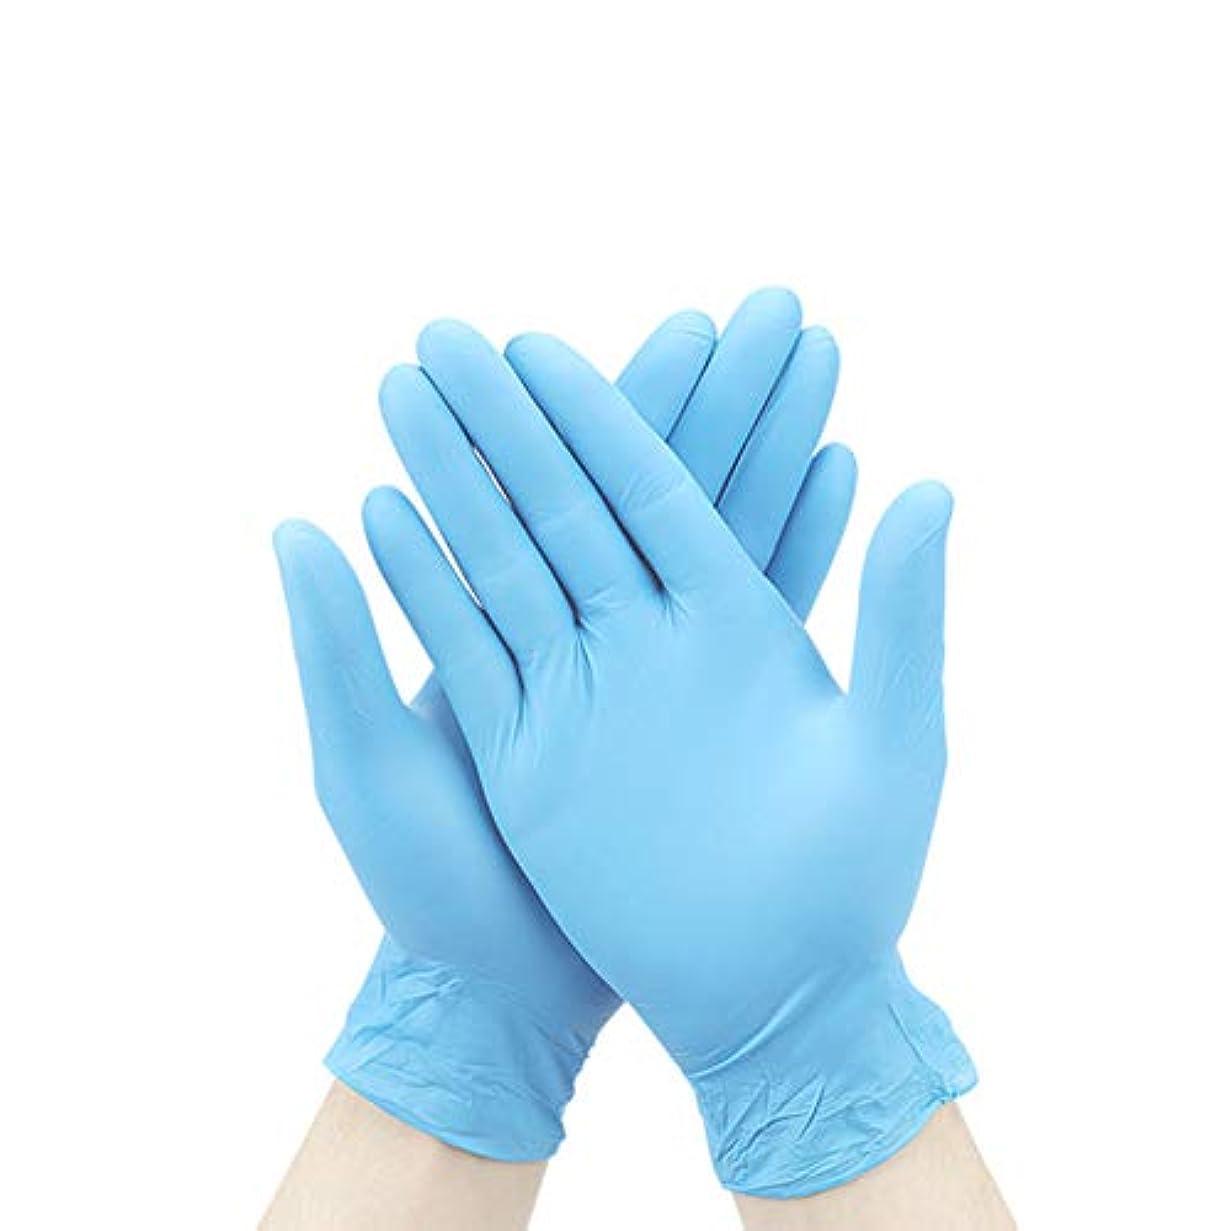 ひまわり操縦する頑張るACHICOO ニトリルゴム手袋 使い捨て手袋 100個/箱 9インチ ブラック検査実験 耐久性 クリーン電子 ライトブルー 1ペア